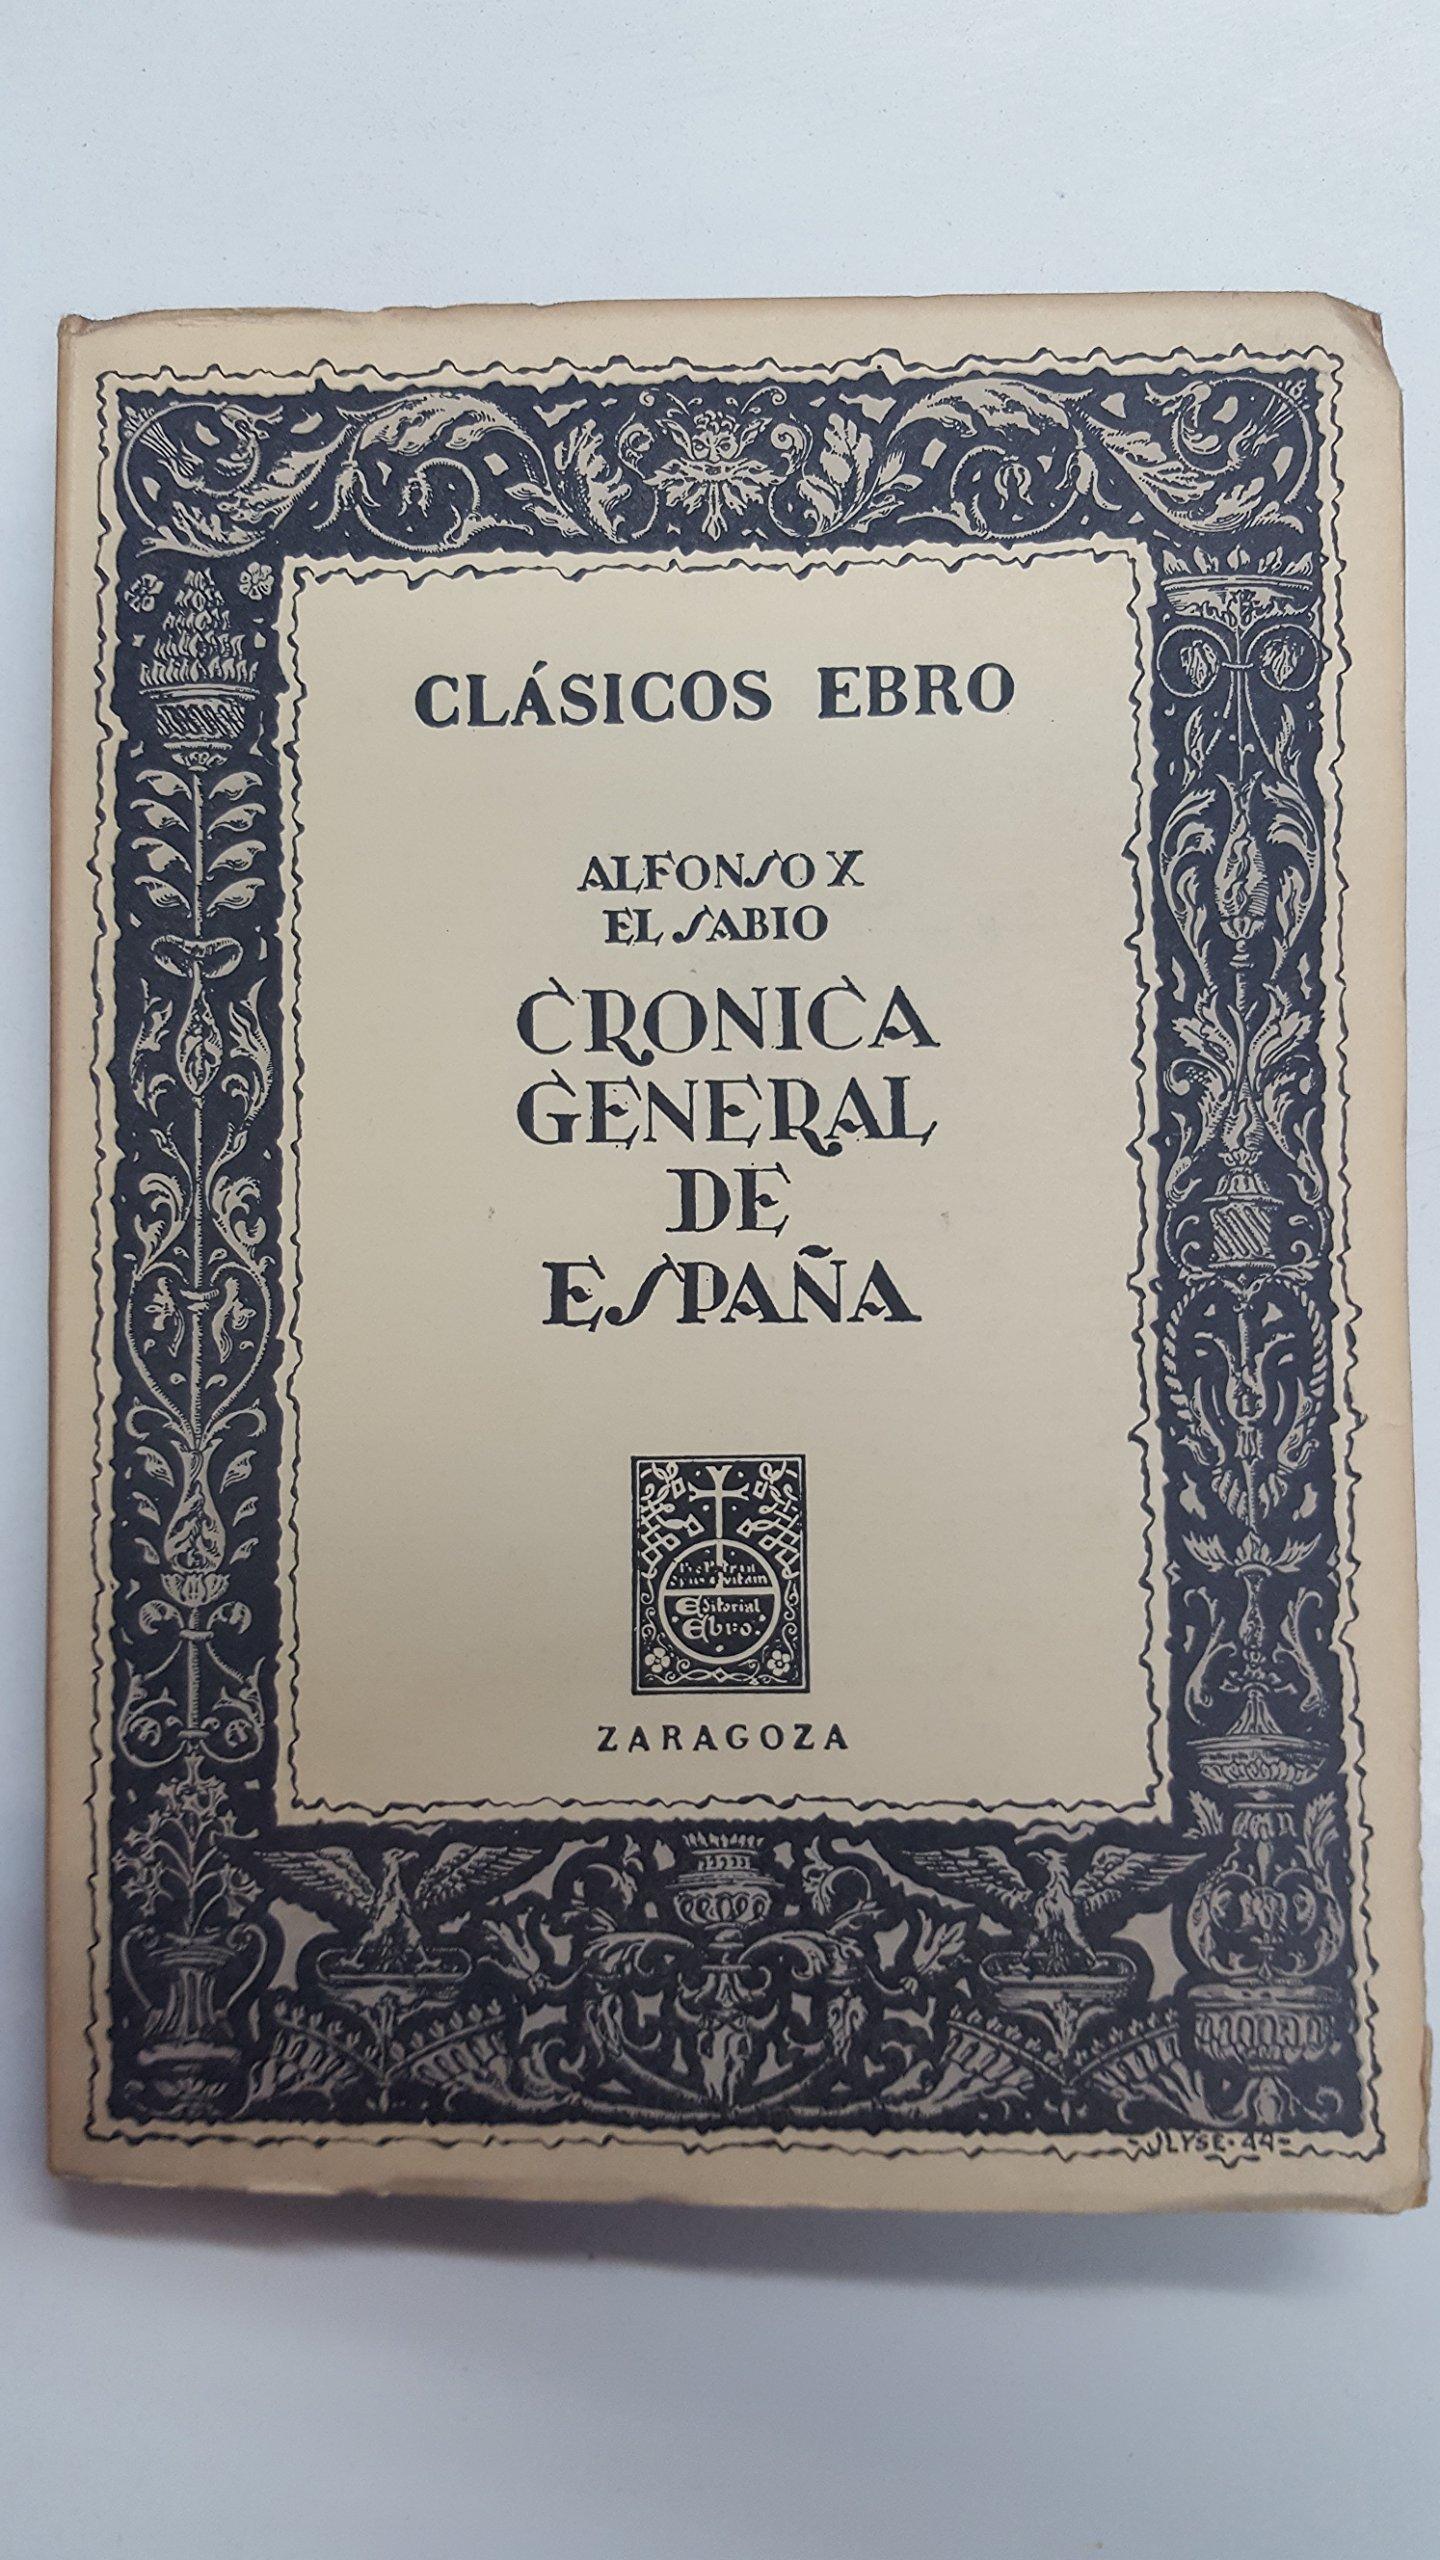 ALFONSO X EL SABIO CRONICA GENERAL DE ESPAÑA: Amazon.es: JOSE FILGUEIRA VALVERDE: Libros